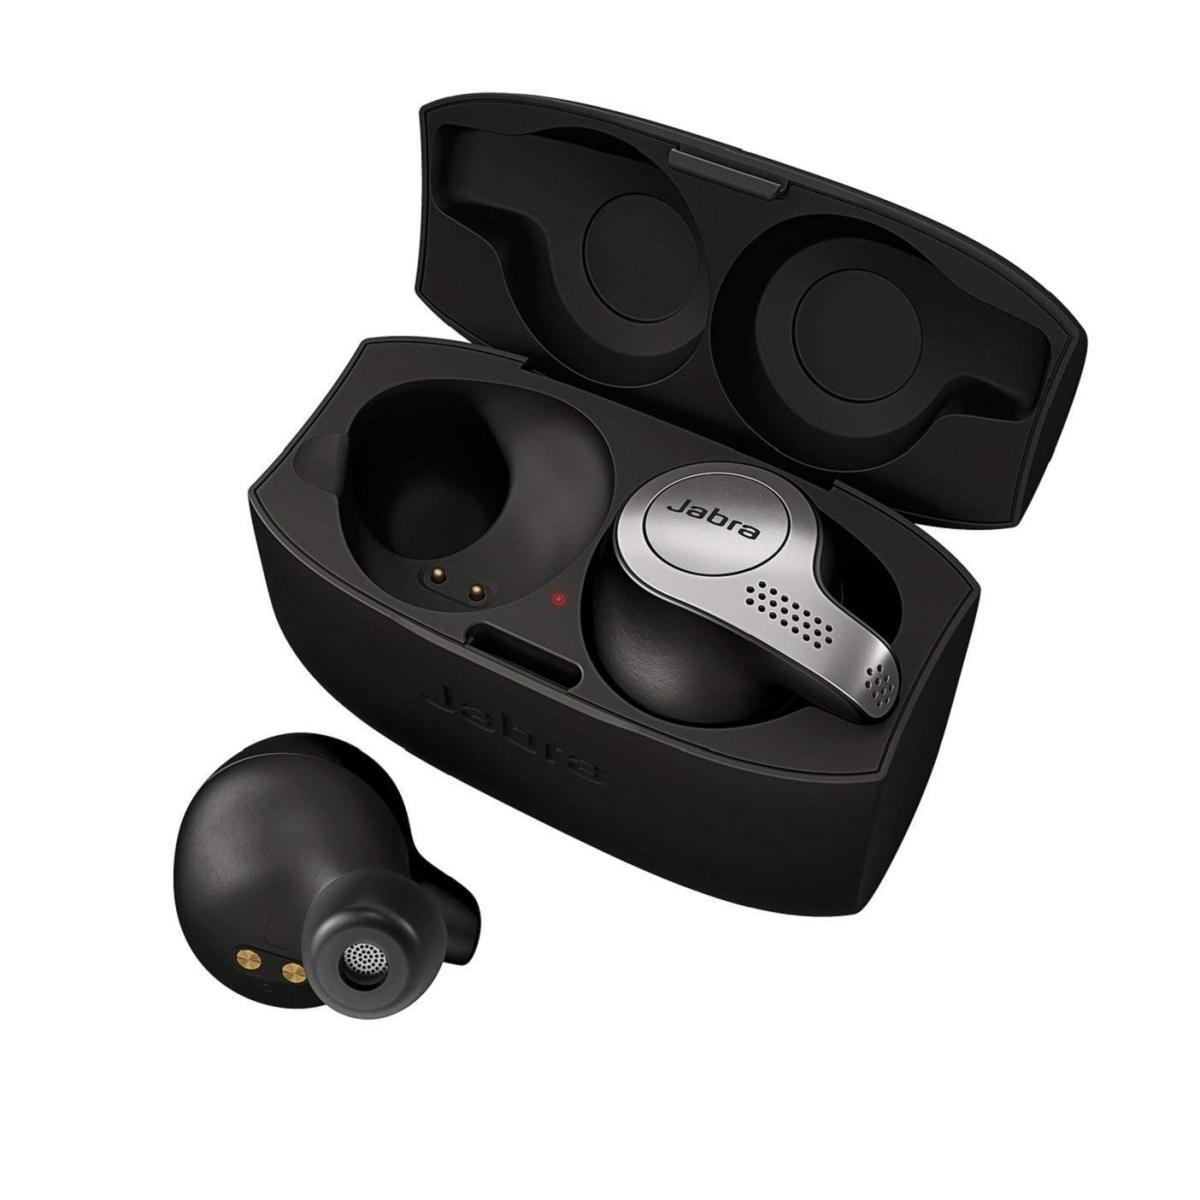 Jabra Elite 65t 100-99000000-40-R (Titanium Black)の商品画像 2